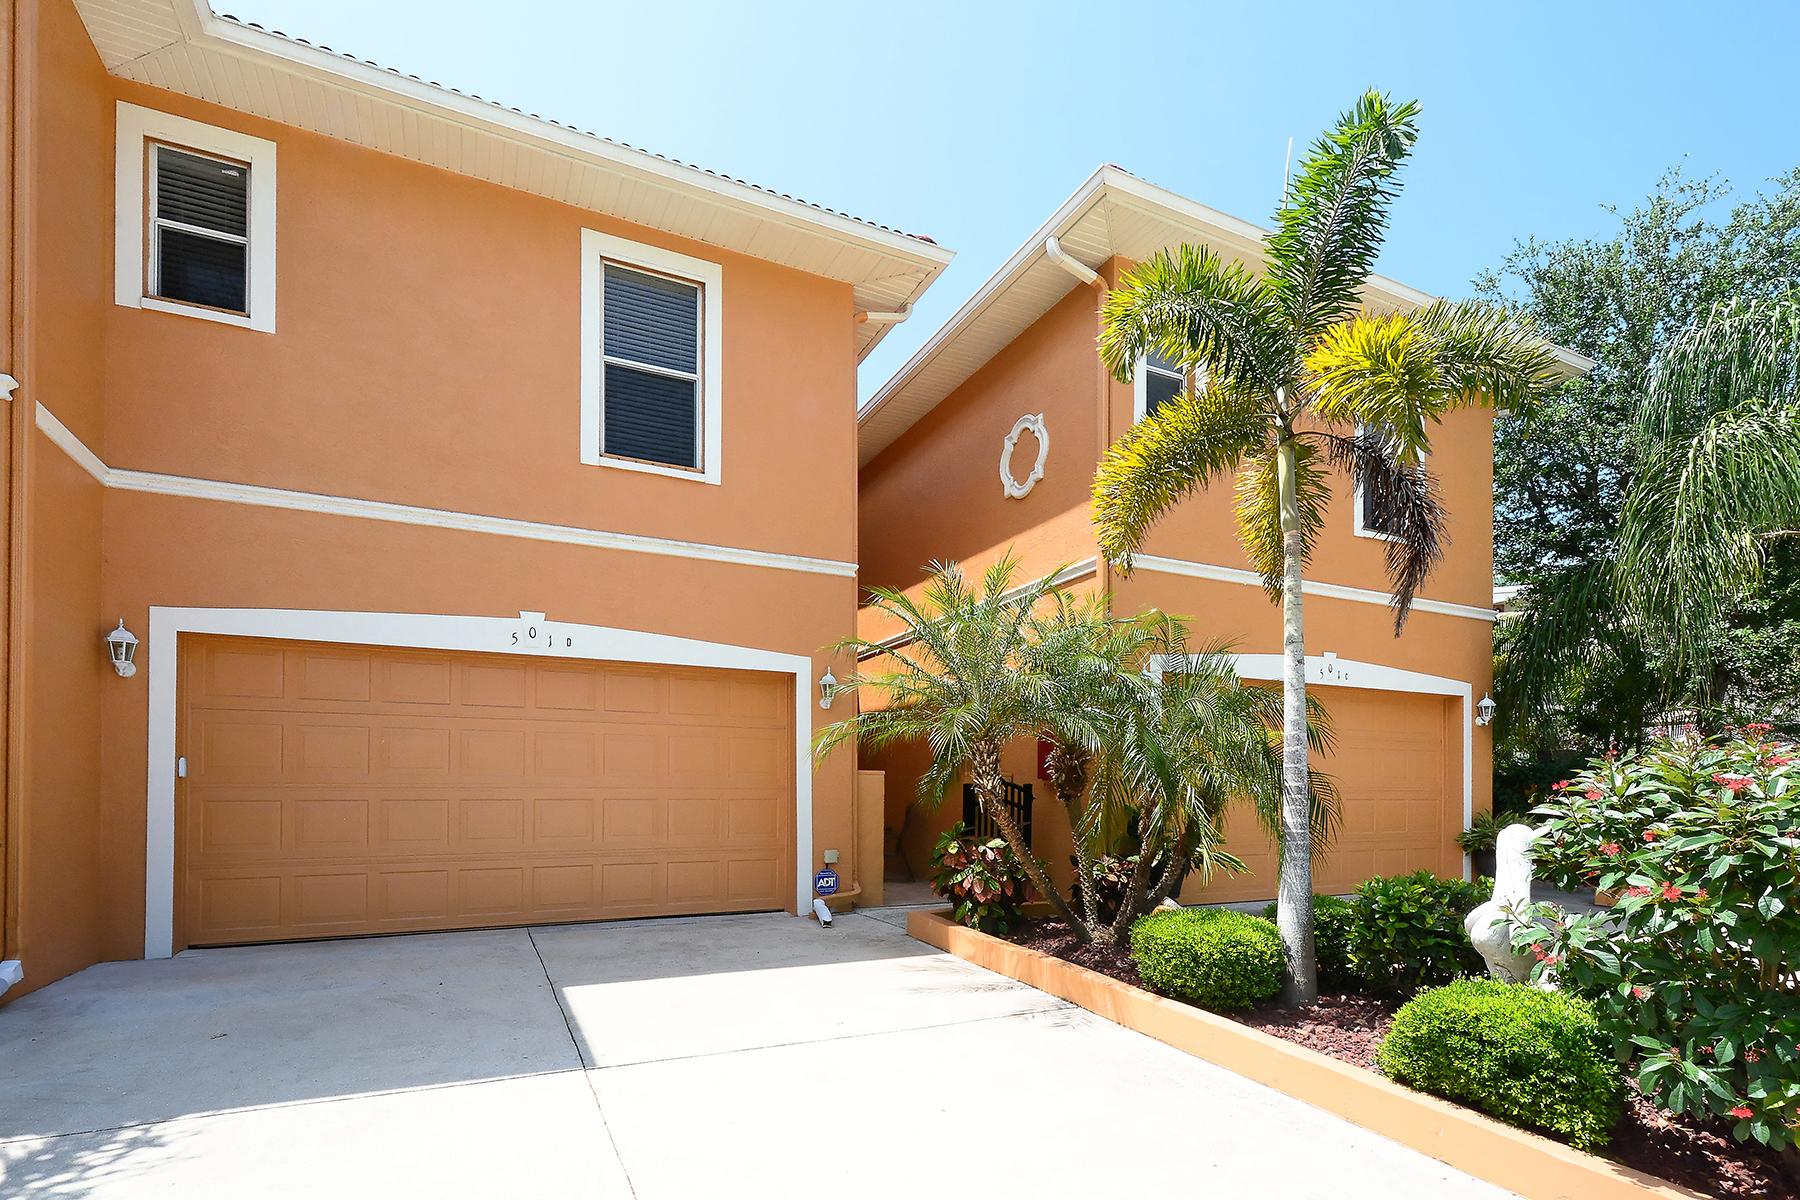 联栋屋 为 销售 在 SUNSET VILLAS OF VENICE 501 Barcelona Ave D 威尼斯, 佛罗里达州, 34285 美国